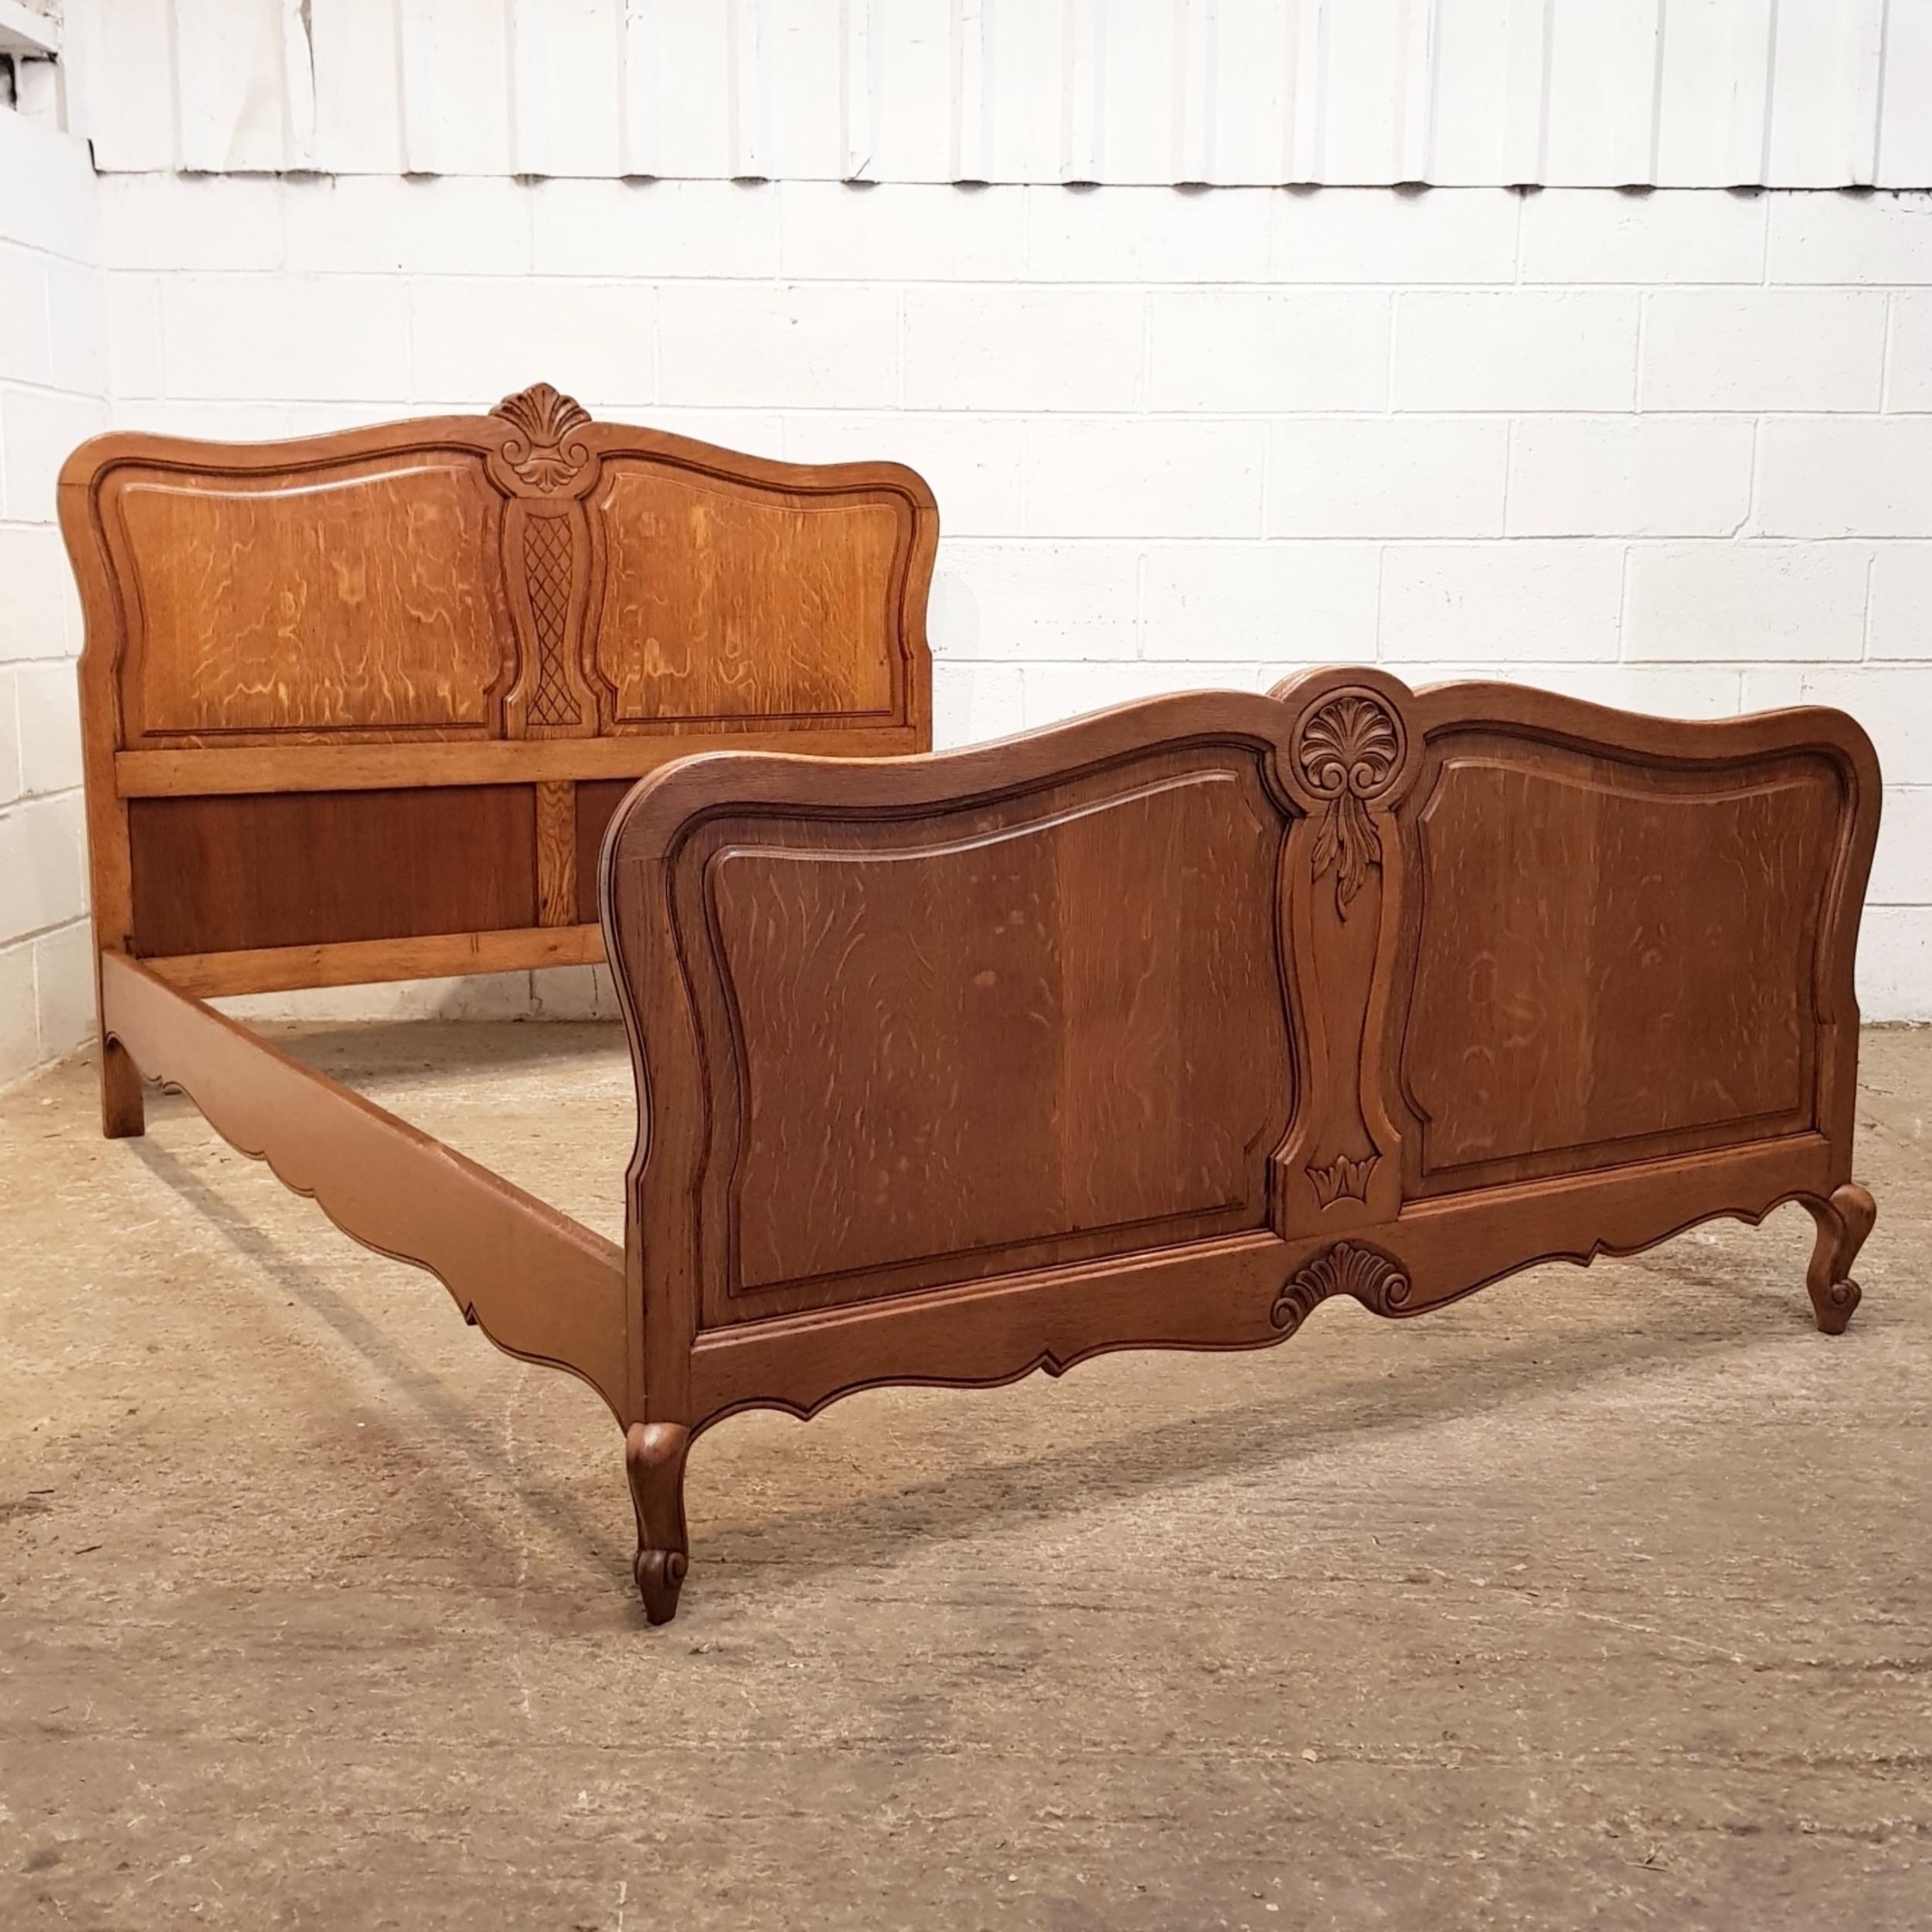 antique french art nouveau oak double bed c1920